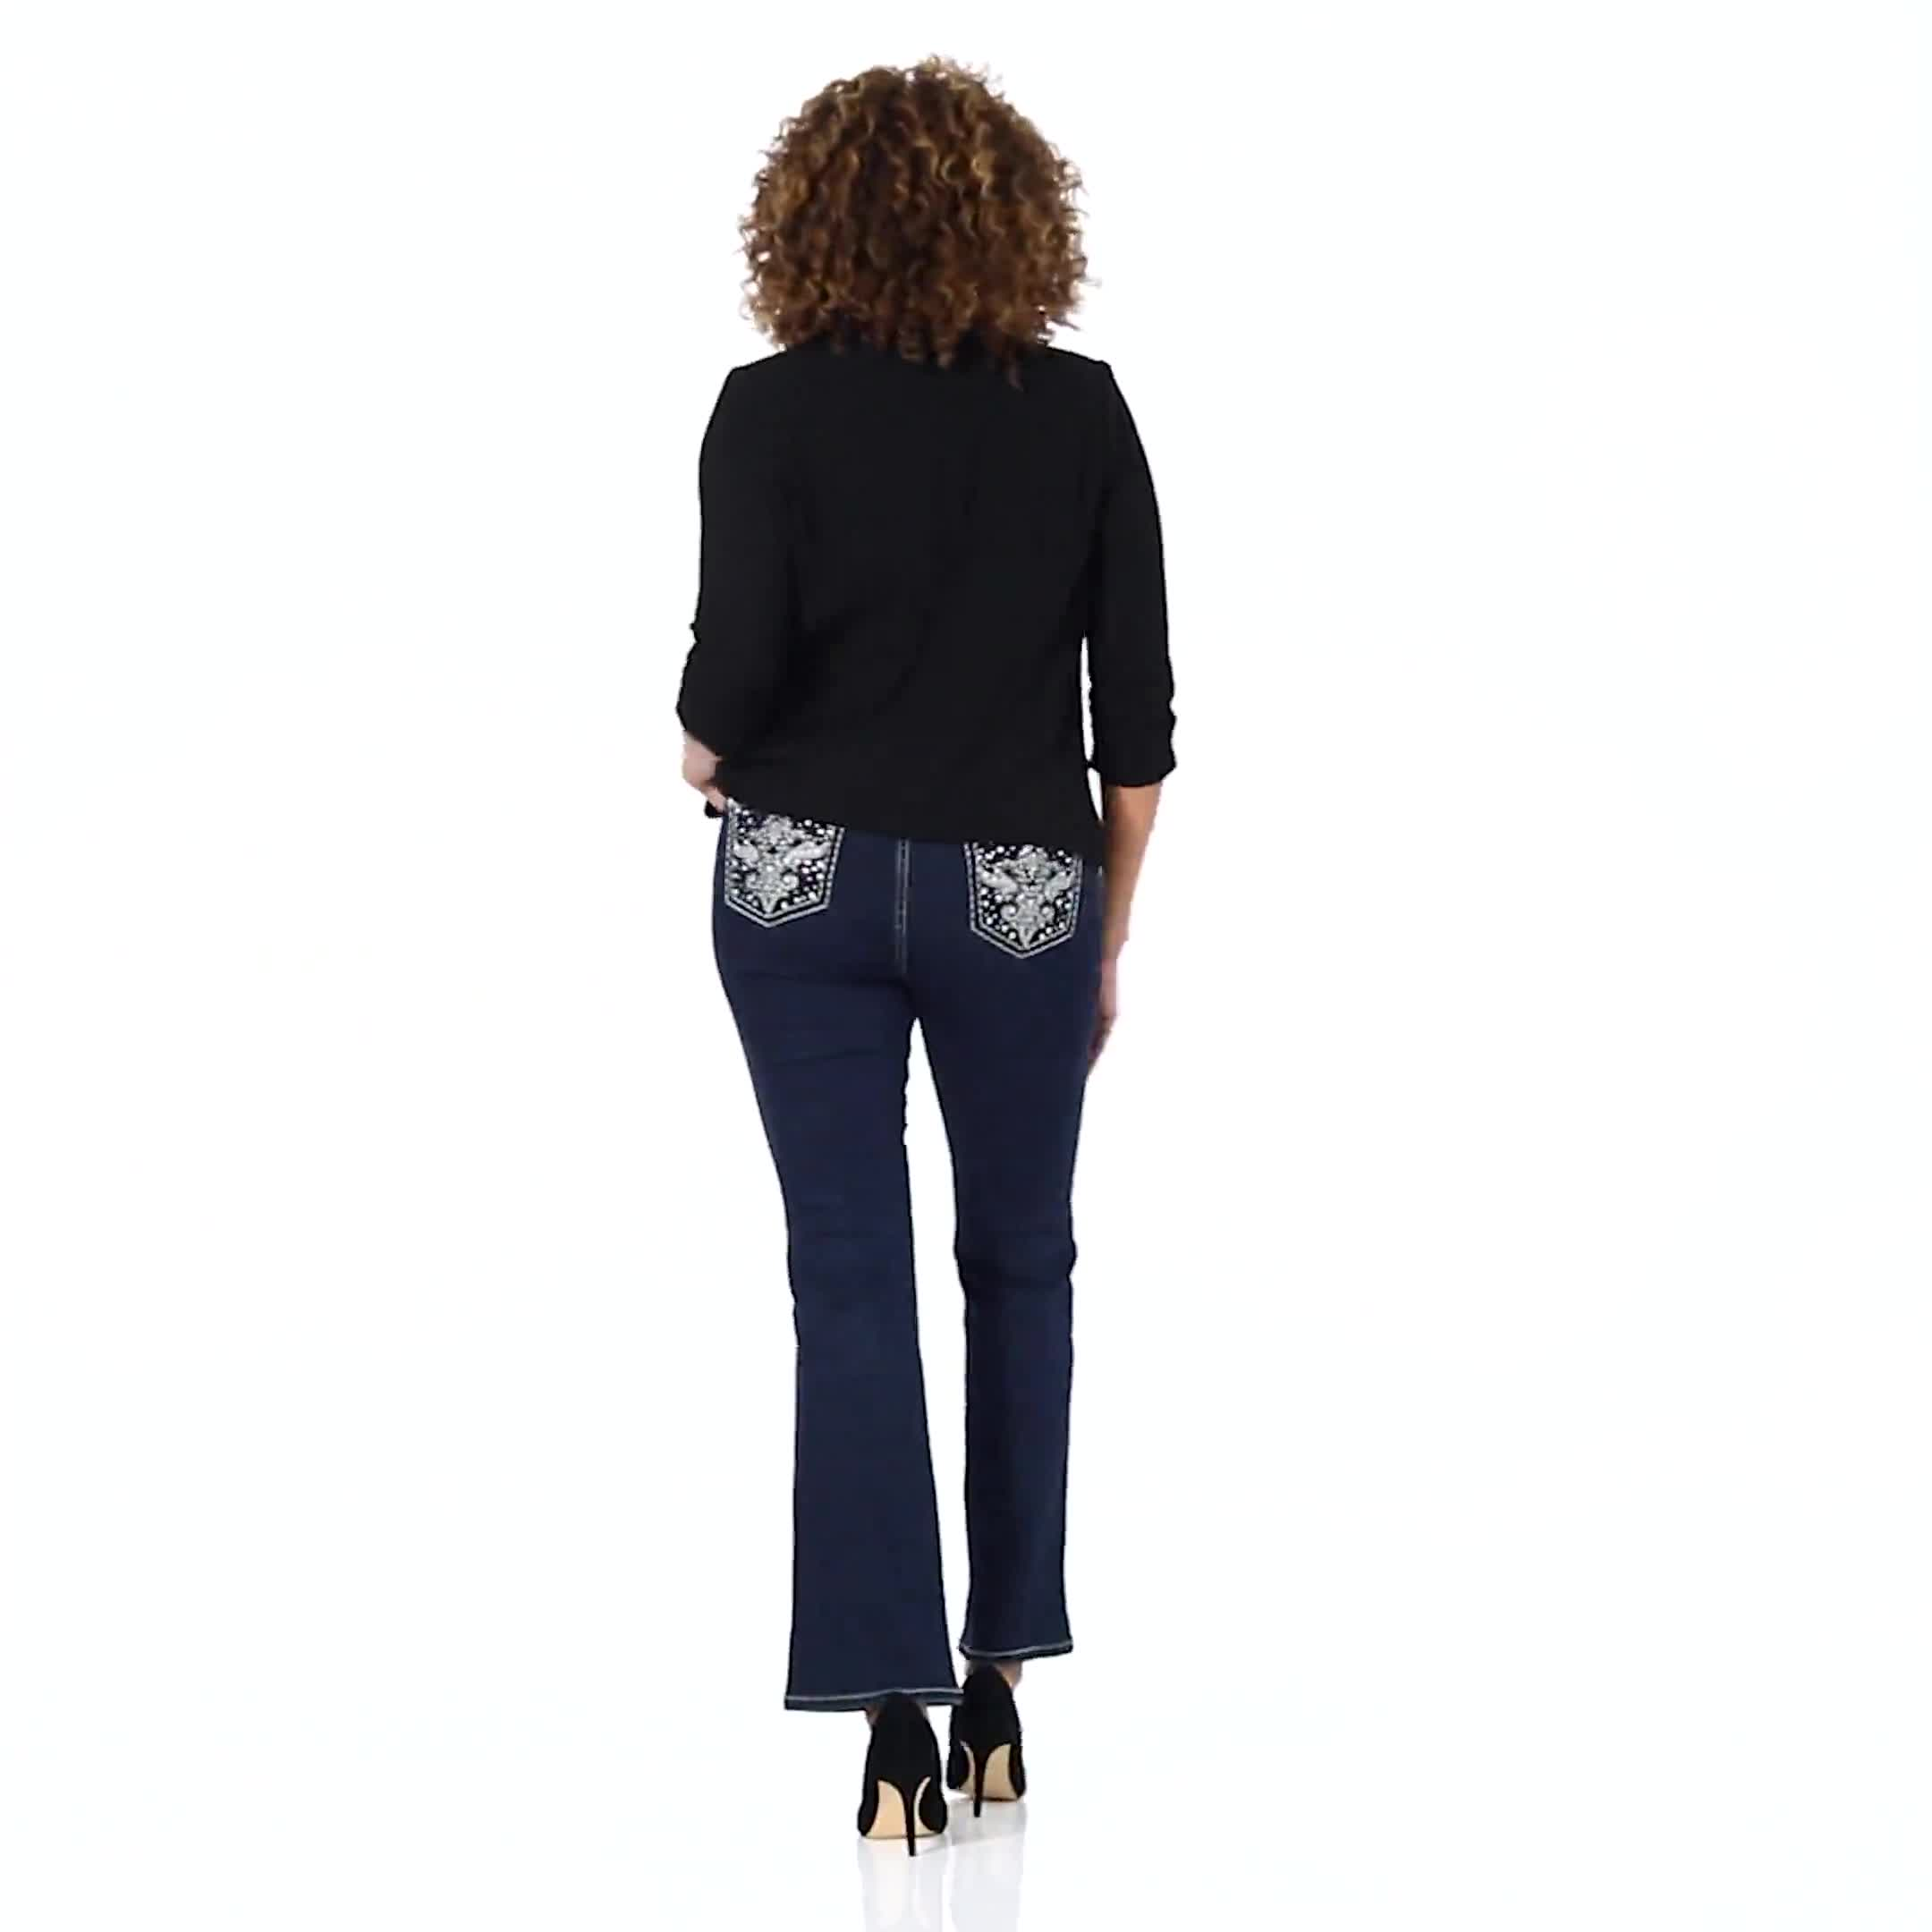 Westport Signature 5 pocket Bootcut Jean with Fleur-de-lis Pattern Bling Back Pocket - Misses - Video